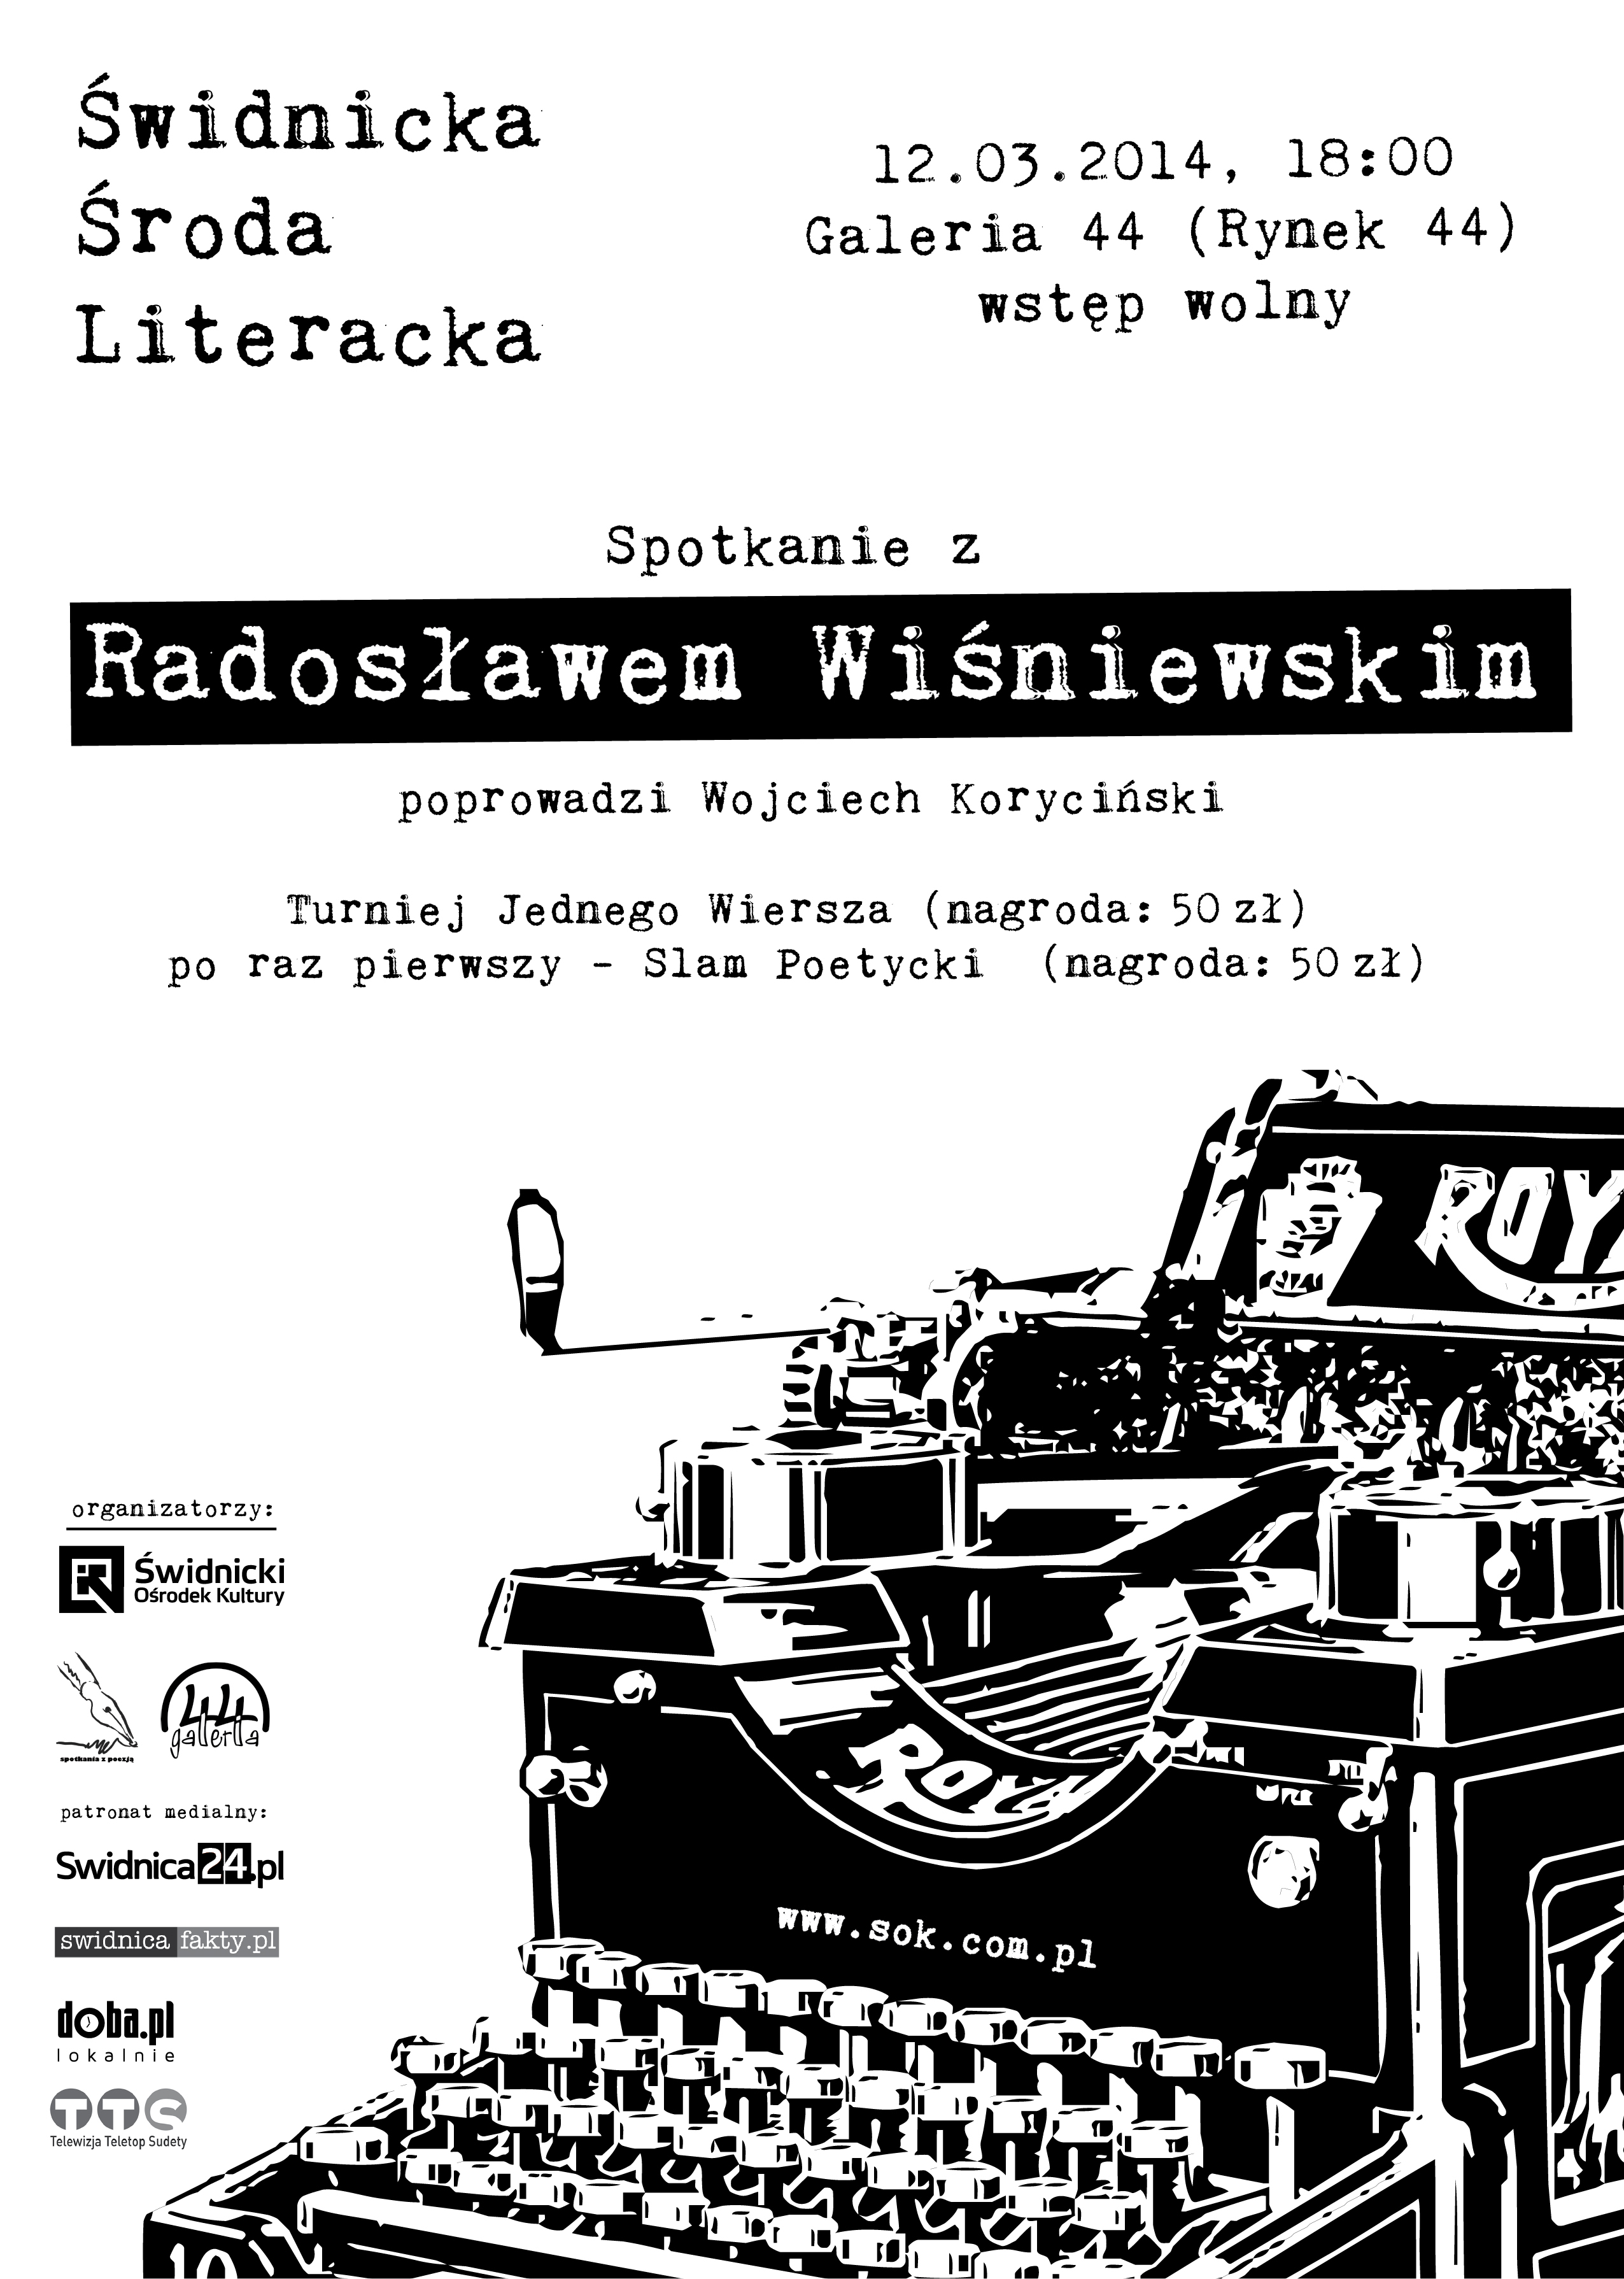 Świdnicka Środa Literacka: Radosław Wiśniewski